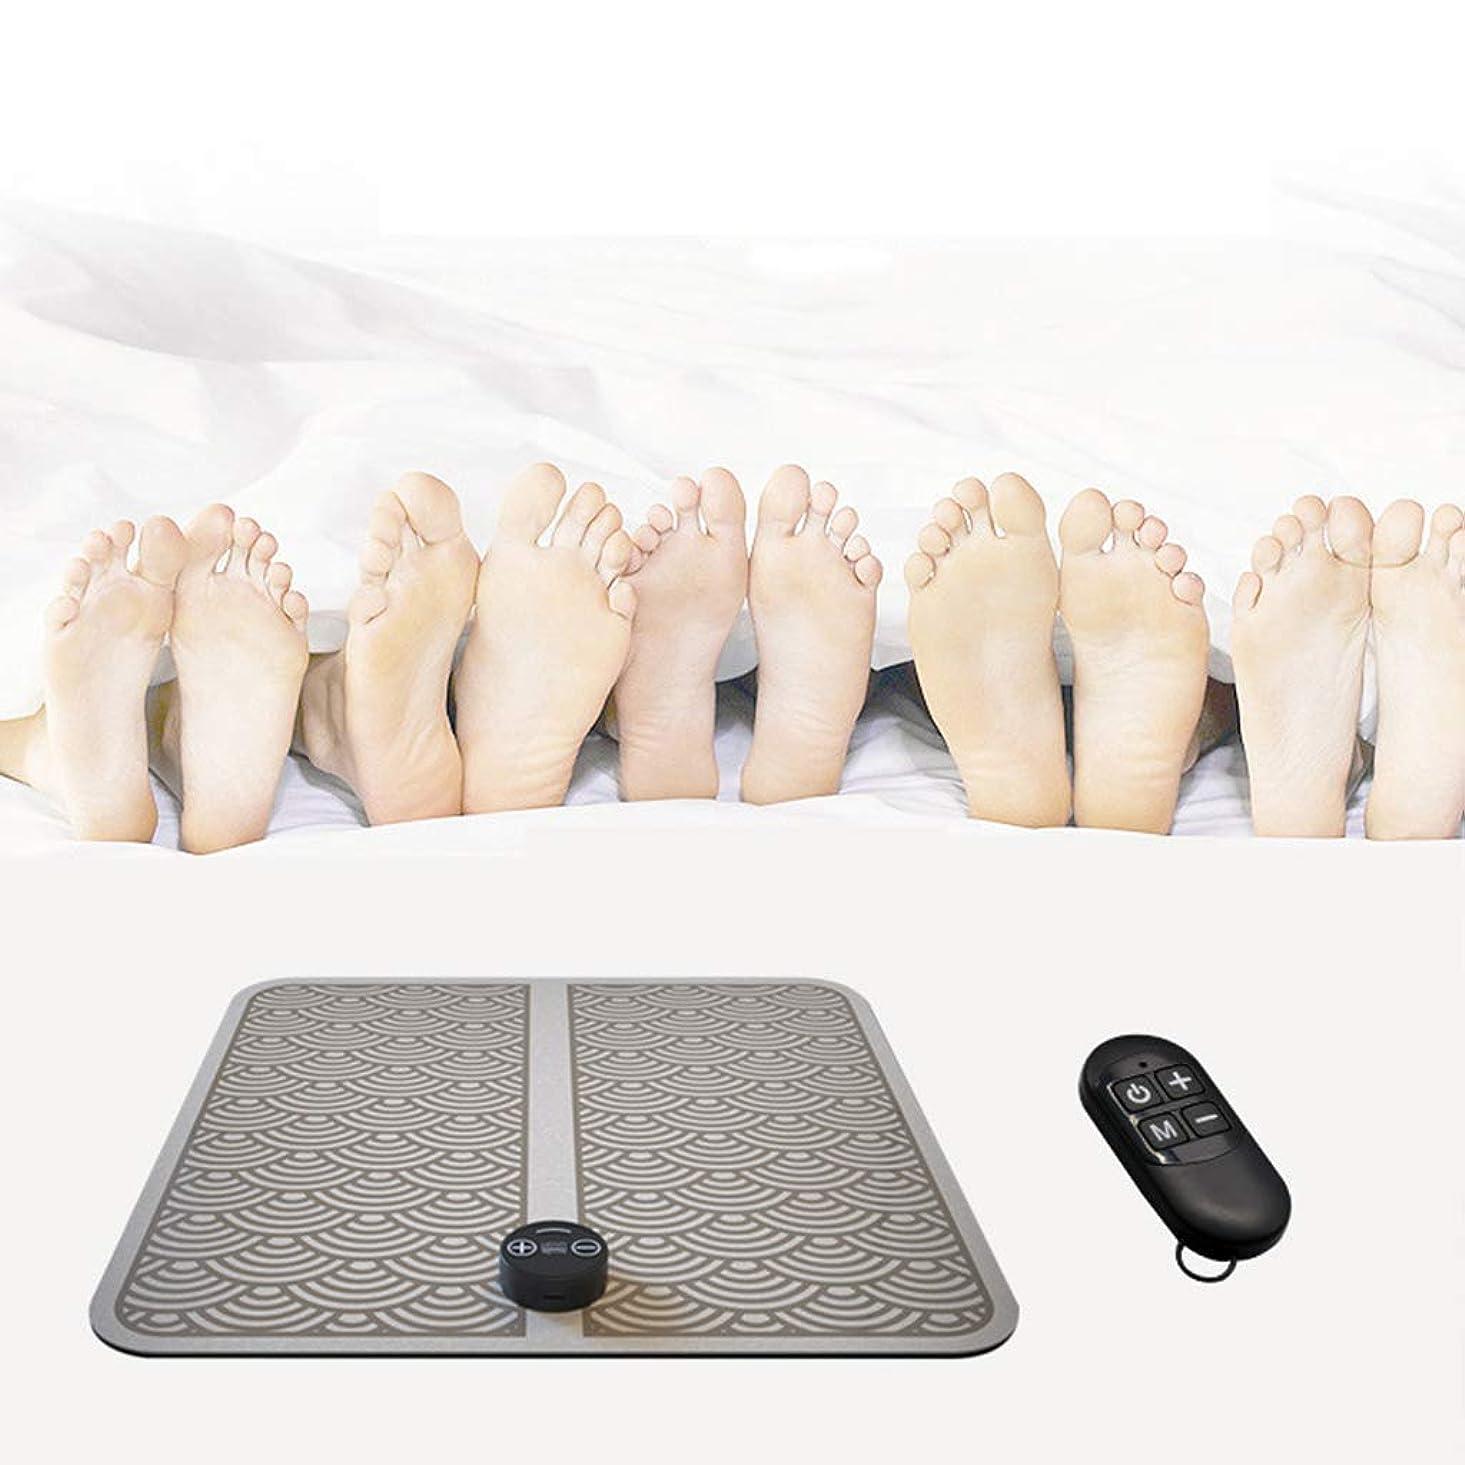 アヒルレーザ名目上の指圧マッサージ機、EMS理学療法マッサージ電気USB充電振動足ペディキュアマシン